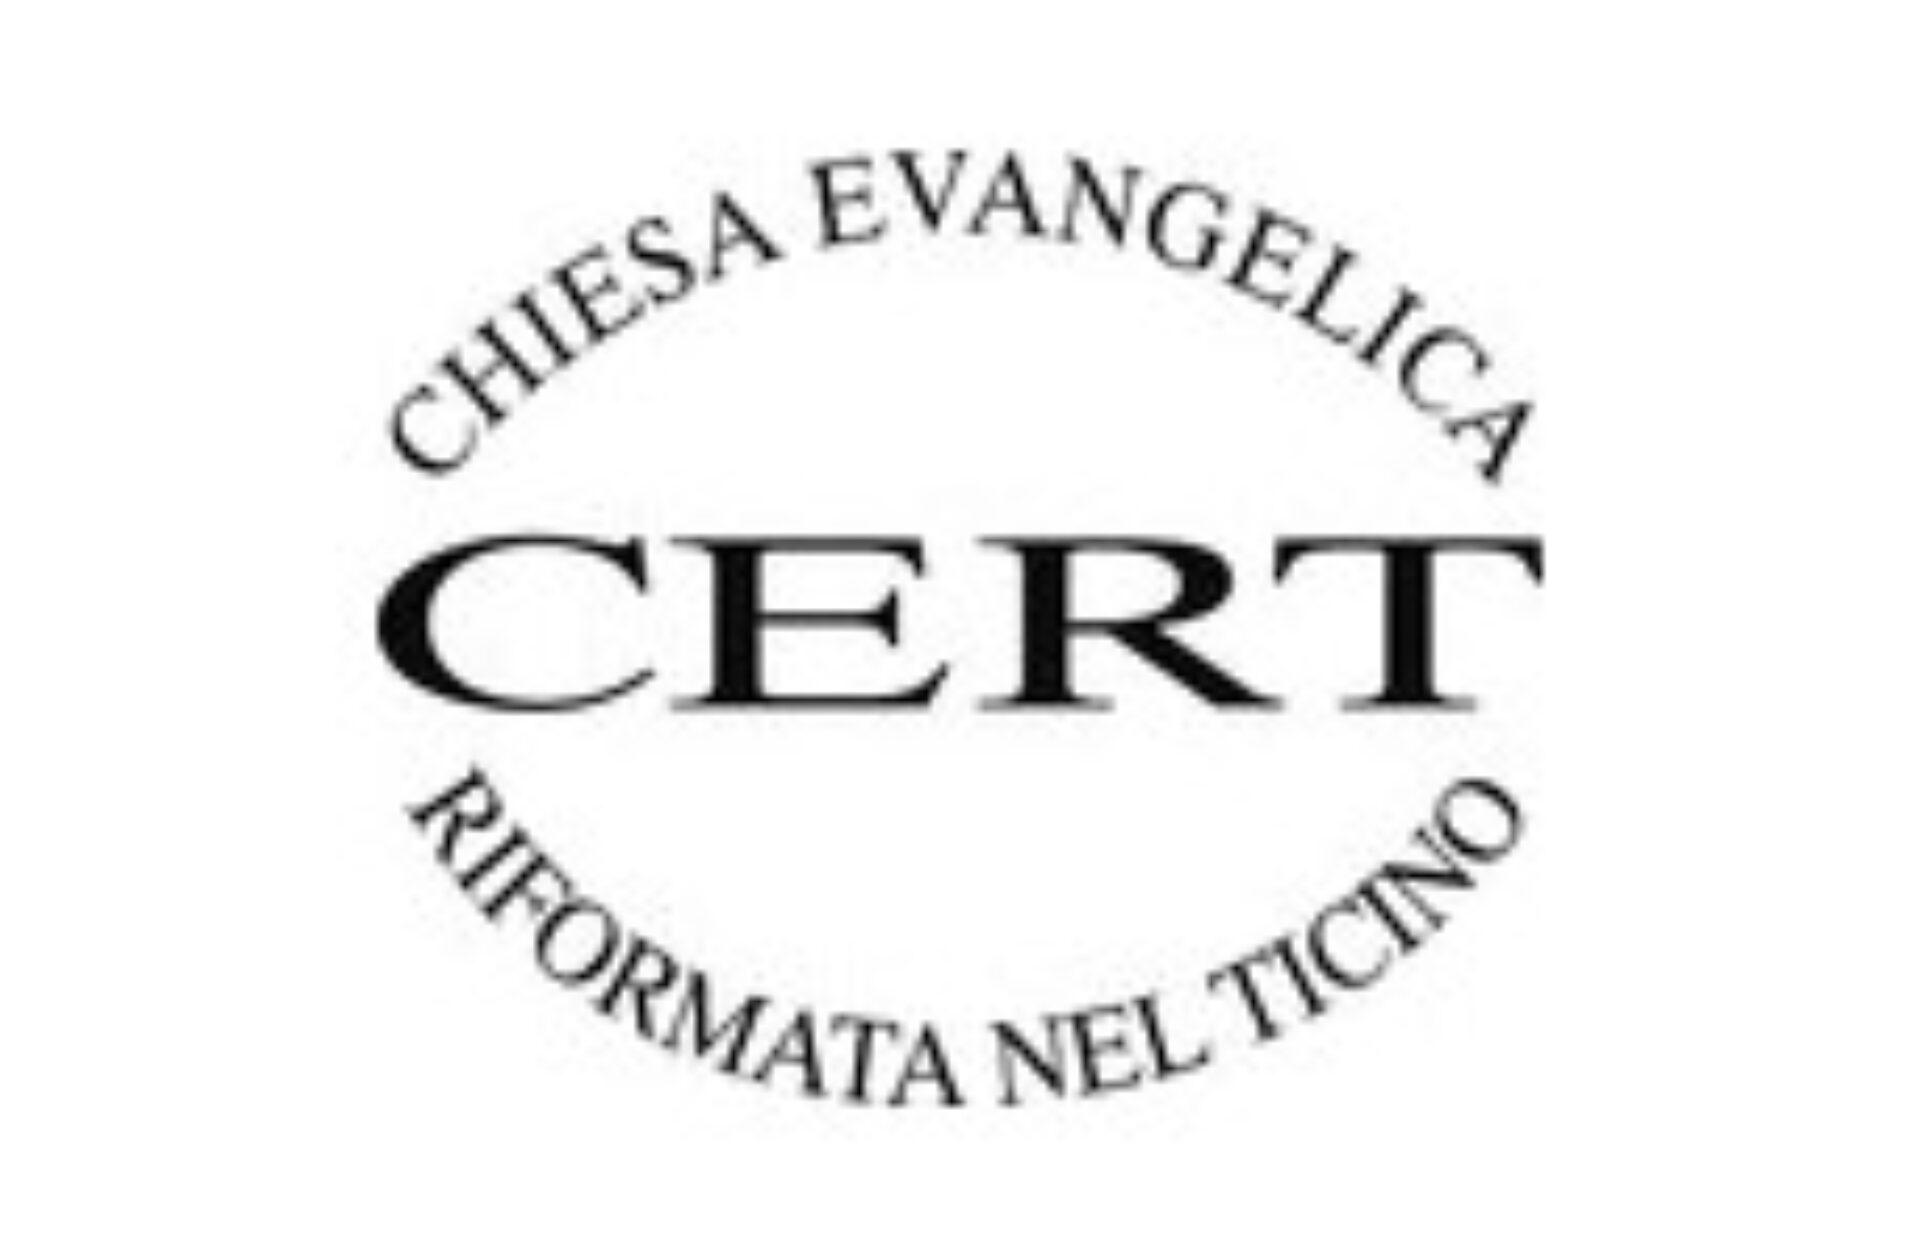 Chiesa Evangelica Riformata nel Ticino